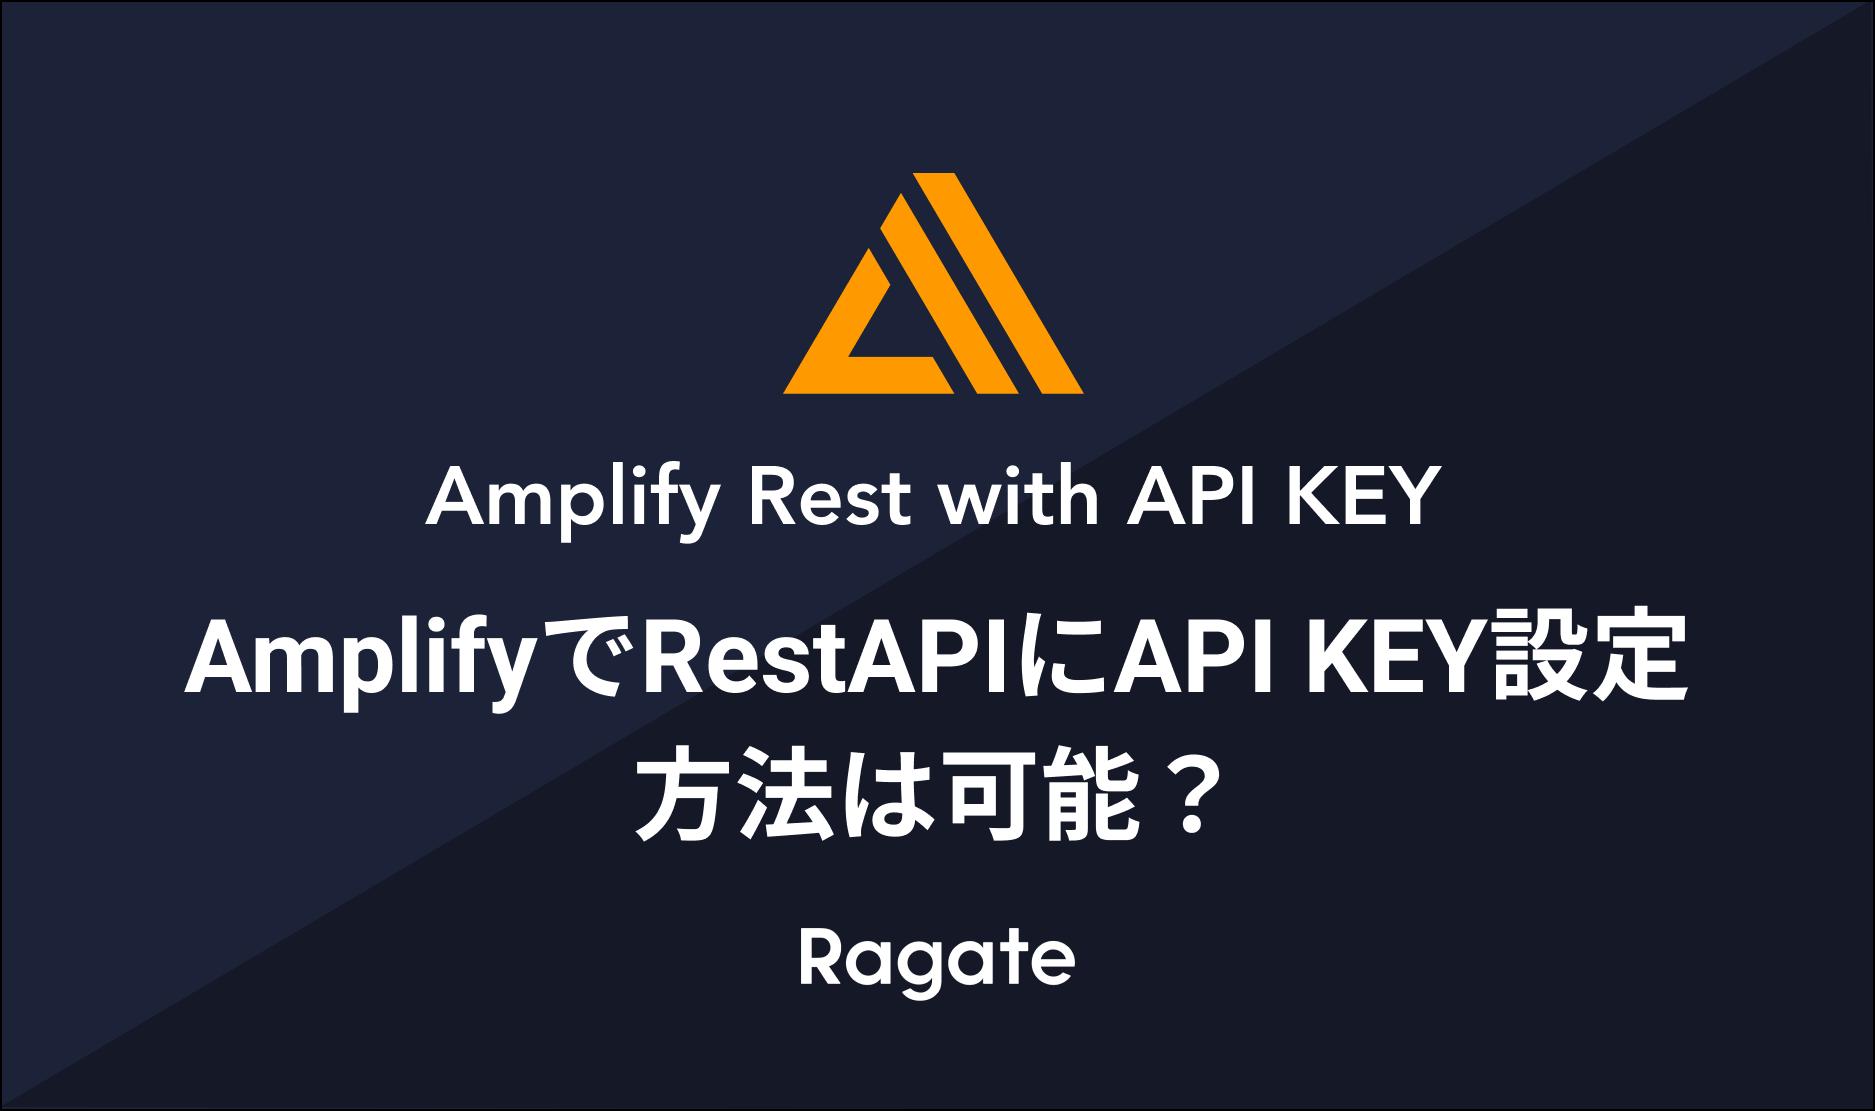 AmplifyでRestAPIにAPI KEYを設定する方法は?AmplifyのIssueを確認しました!